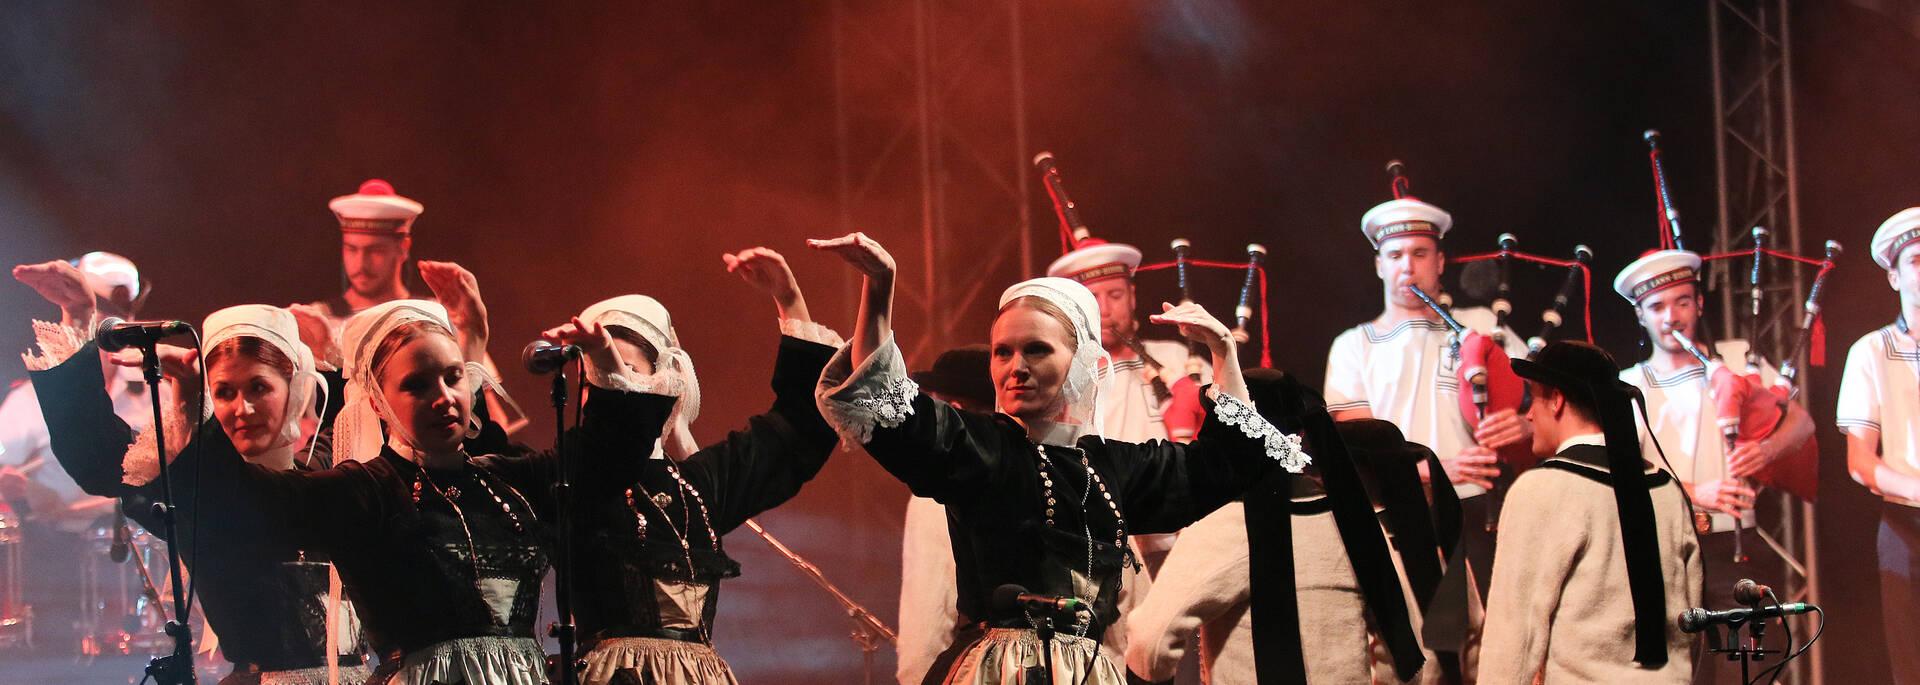 Danses bretonnes au festival de la St Loup ©P. Le Coz